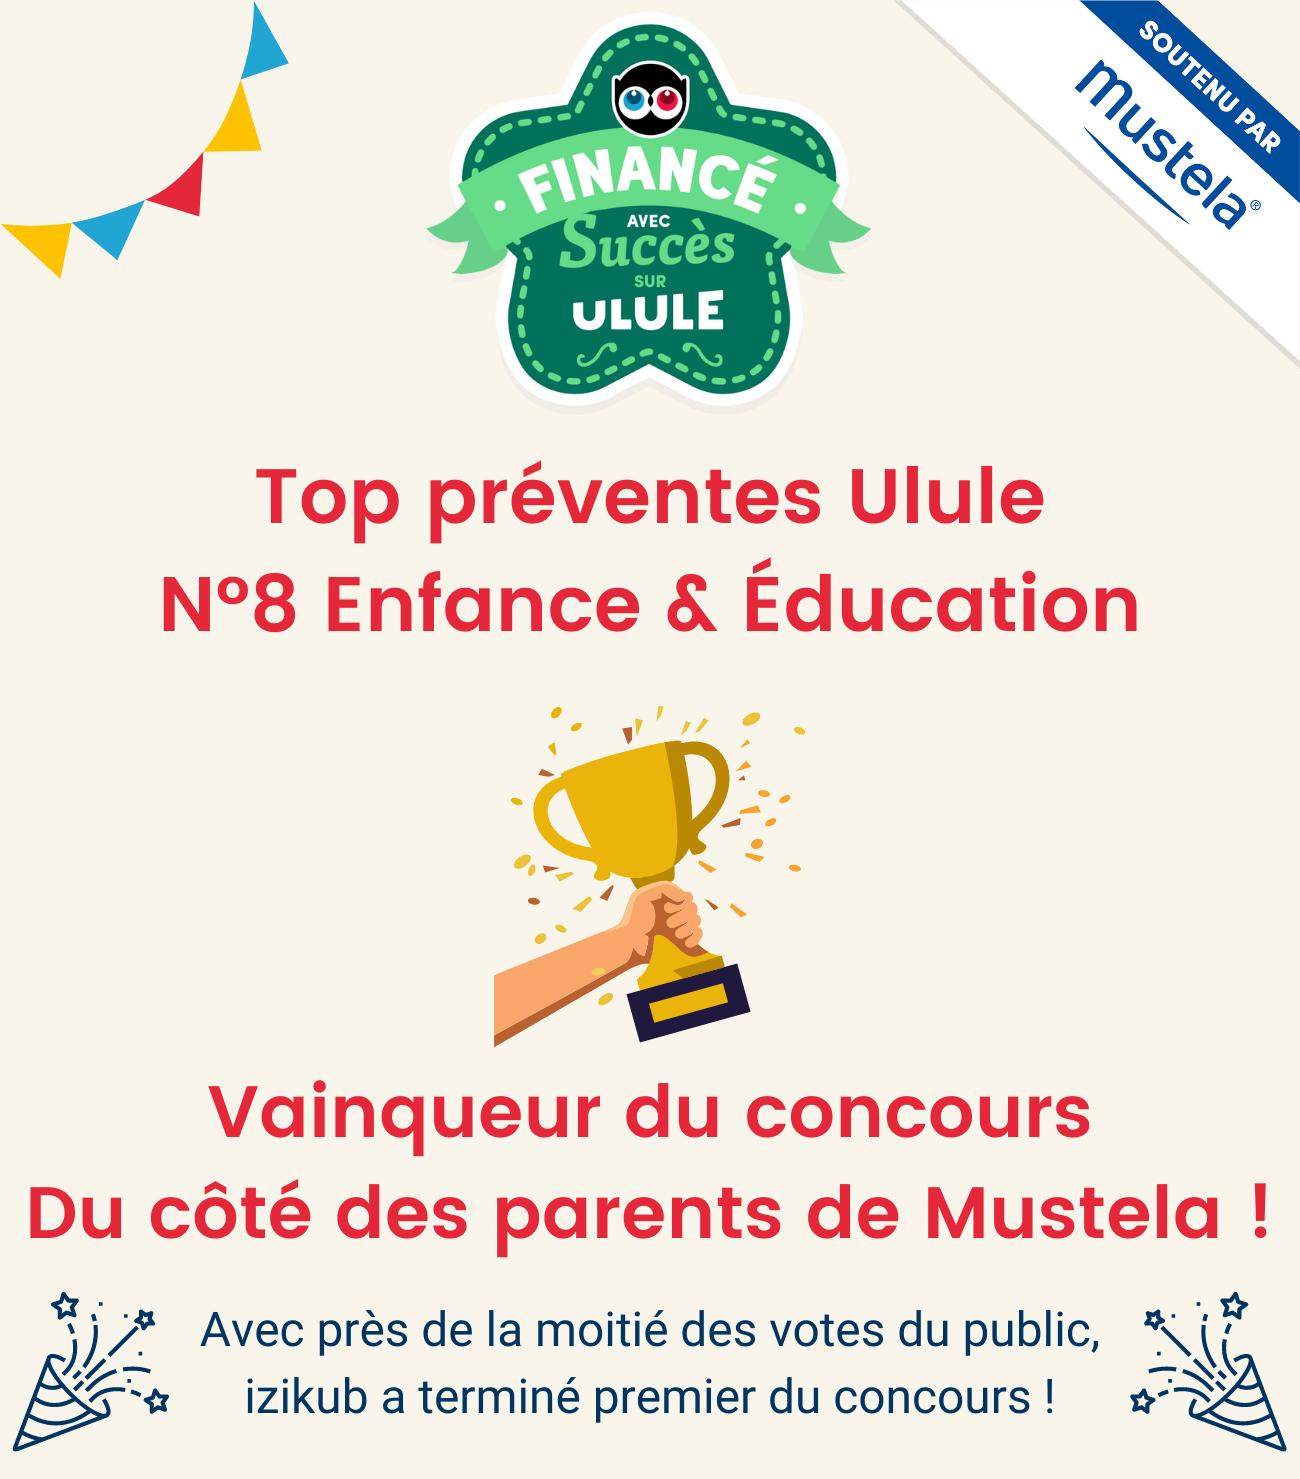 Résultats d'izikub : top préventes Ulule et Vainqueur concours Mustela